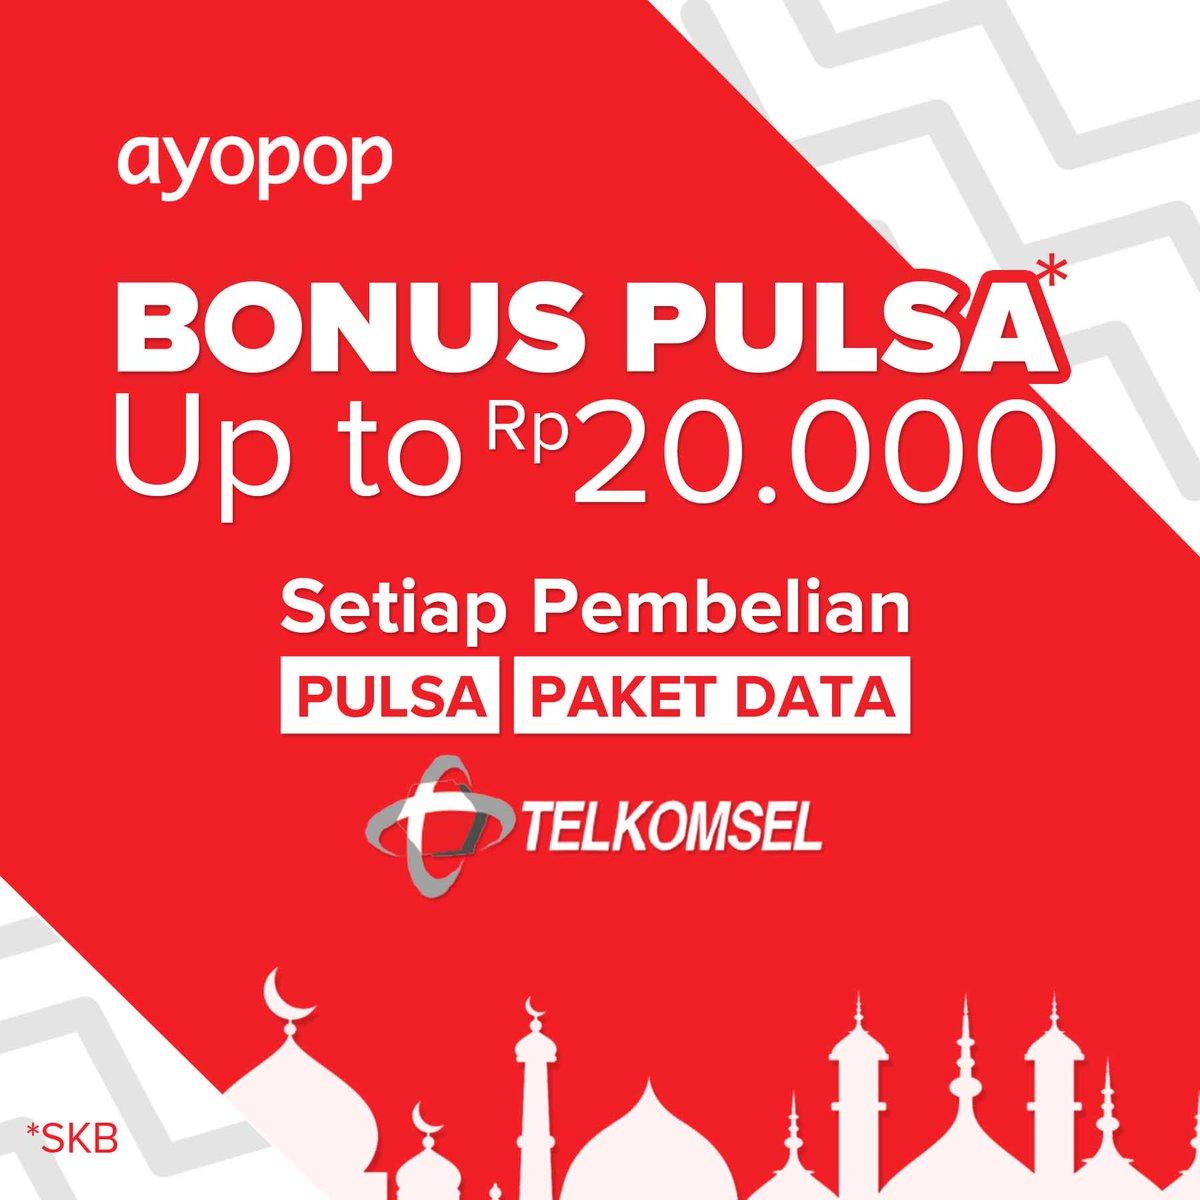 Telkomsel Pulsa Rp200000 Spec Dan Daftar Harga Terbaru Indonesia Data 12 Gb Kode Tdsim10 Ayopop On Twitter Bonus Untuk Setiap Pembelian Atau Paket Dengan